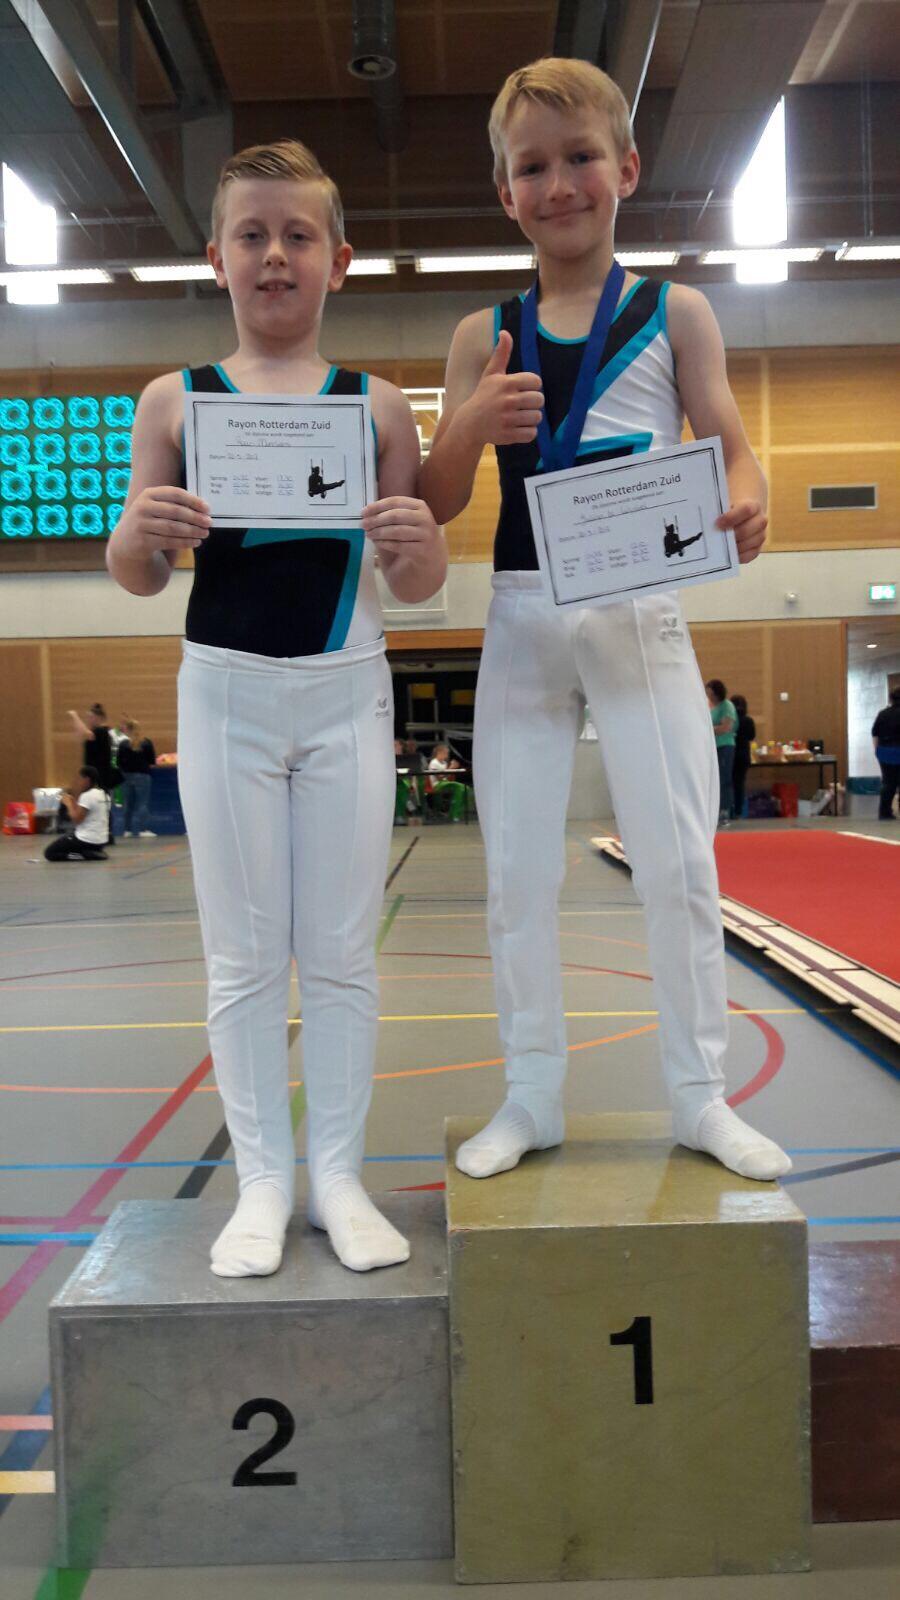 TENACO Jongens veroveren 4 podiumplaatsen in Rayon Rotterdam-Zuid